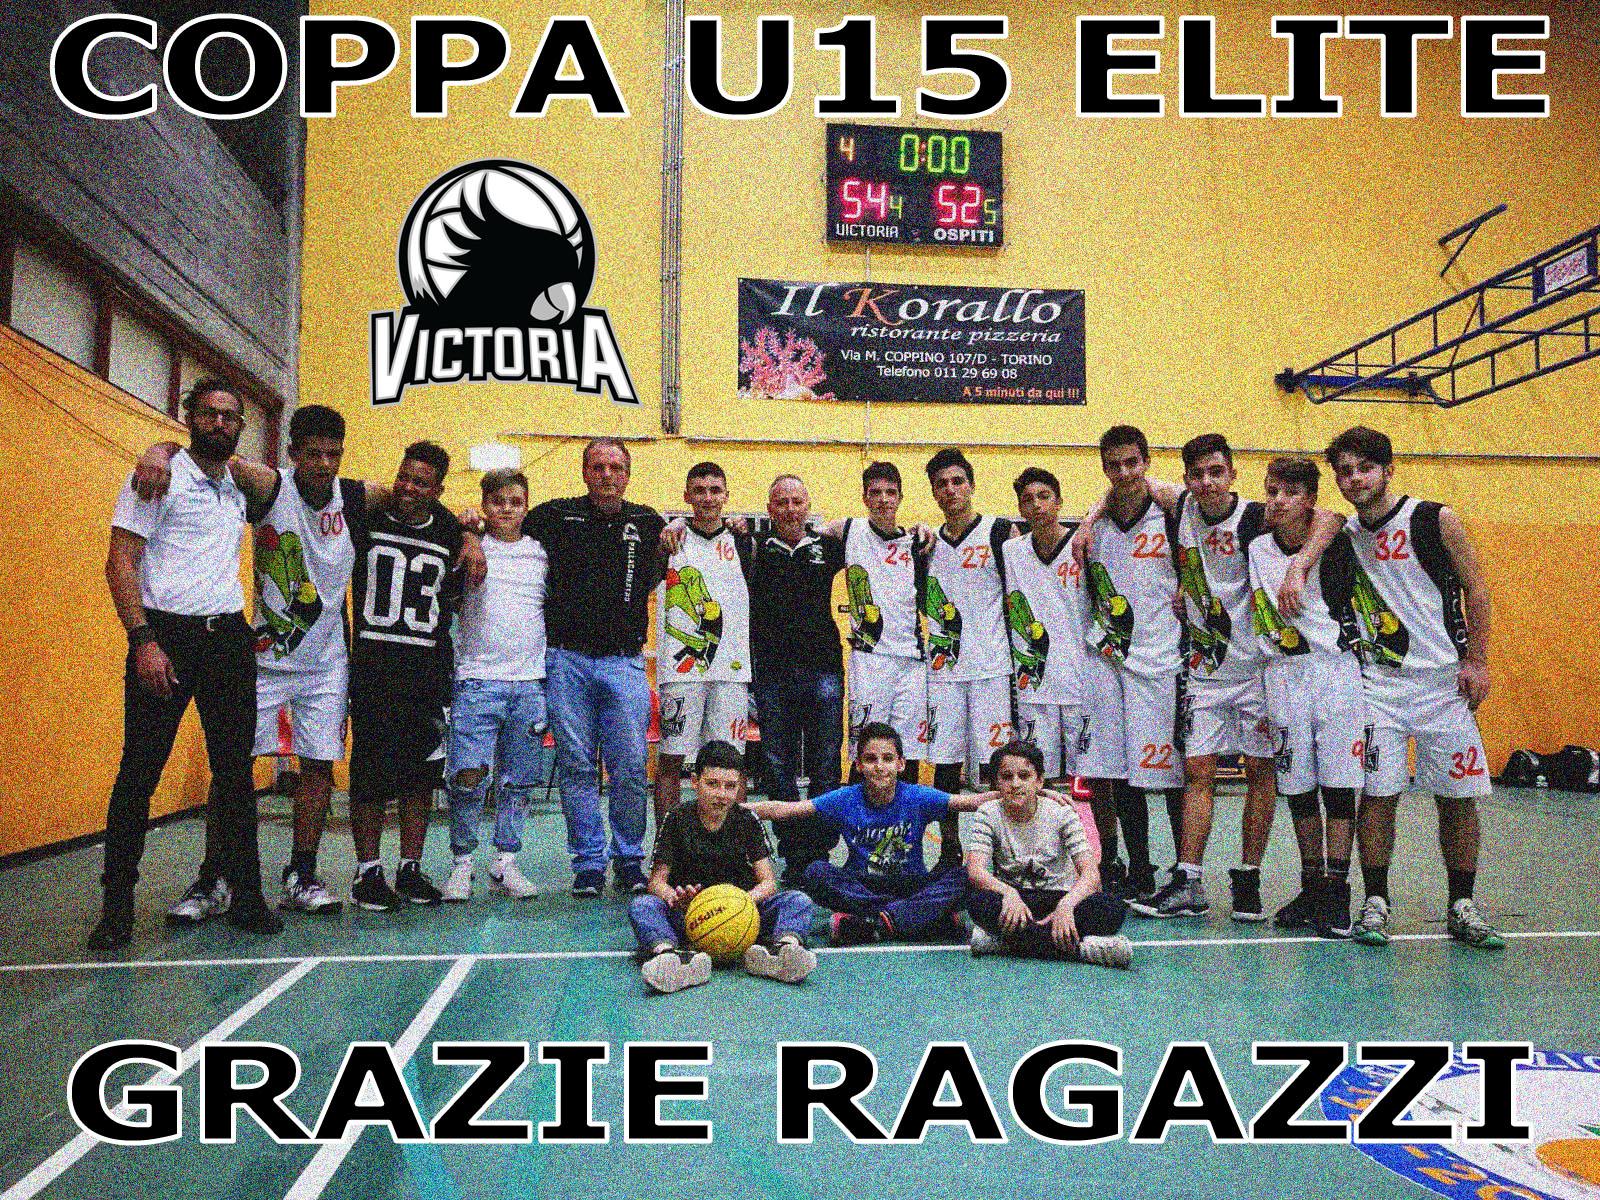 U15 ELITE: Victoria, la Coppa e' tua !!!